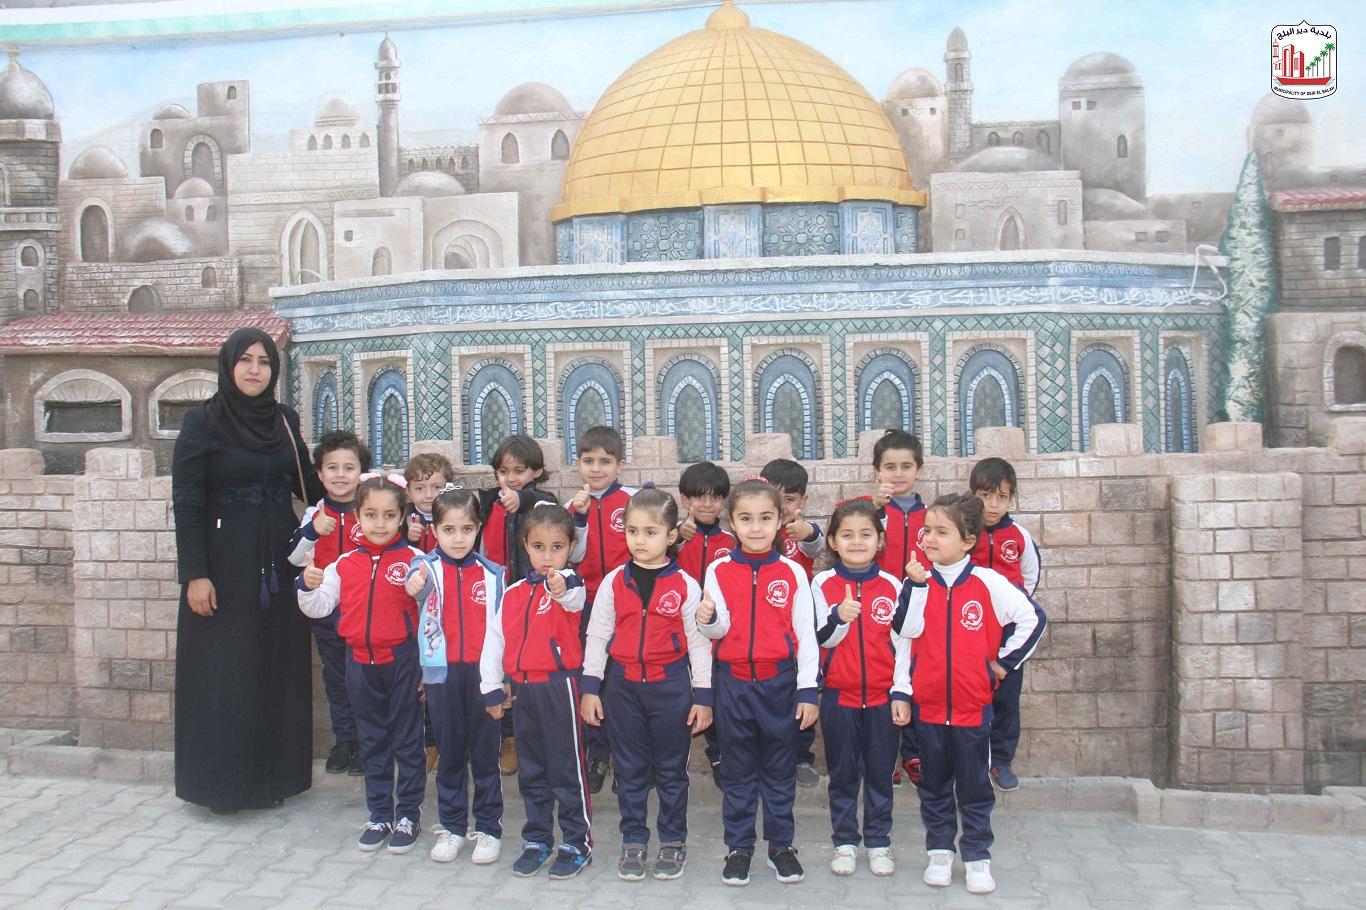 روضة نبع الحنان خلال زيارتها للبلدية وتكريم العاملات فيها بمناسبة عيد الأم